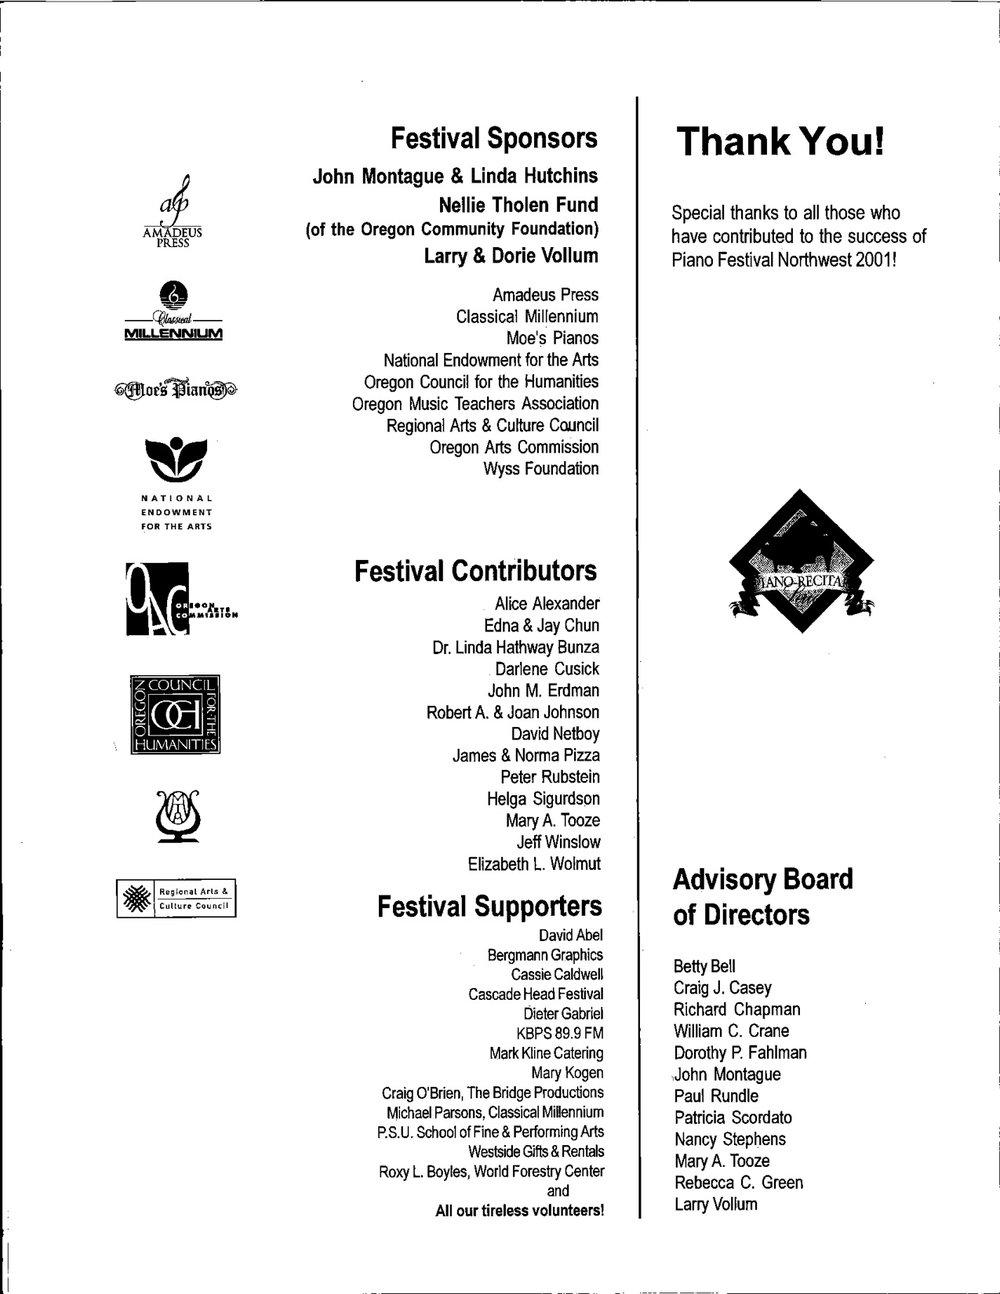 Fest2001_4.jpg